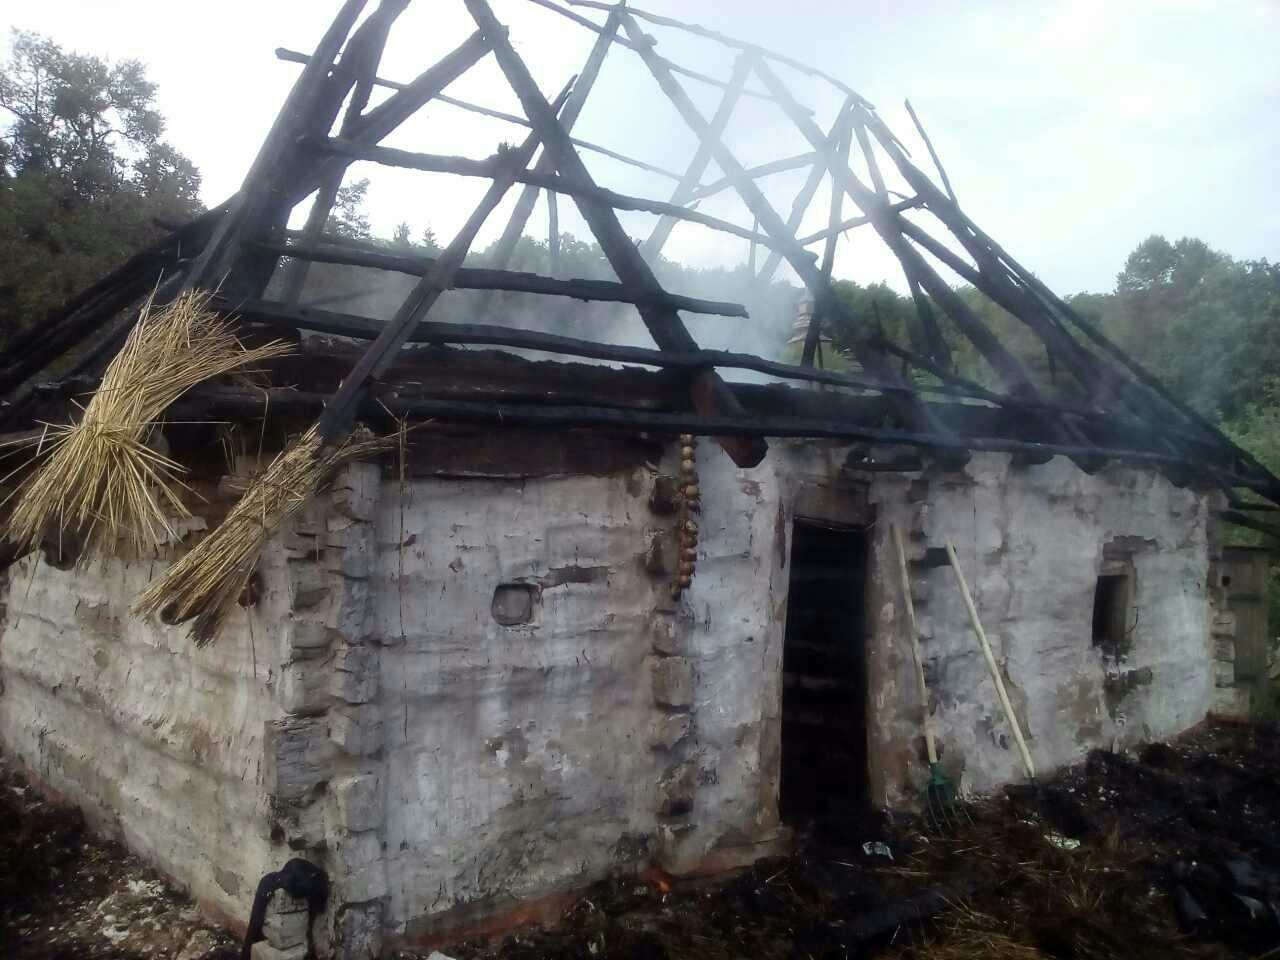 ВКиеве горел Национальный музей народной архитектуры ибыта Украинского государства